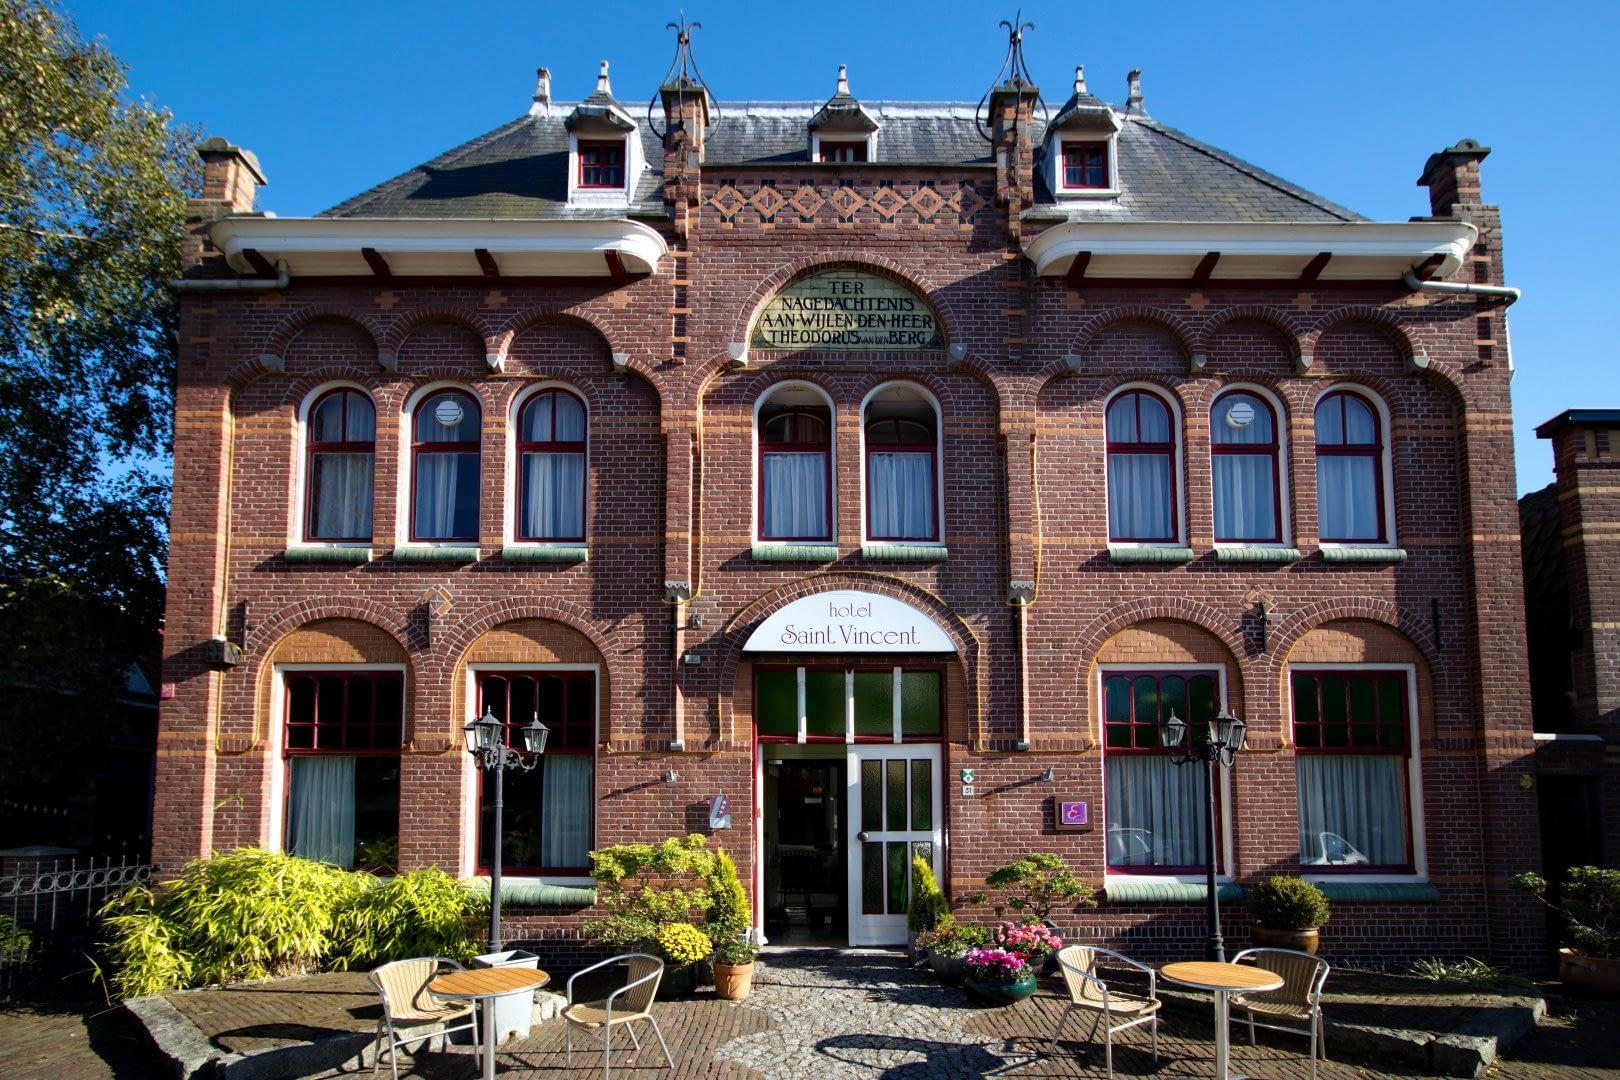 foto van de buitenzijde van het historische pand van familiehotel Saint Vincent in het Westland